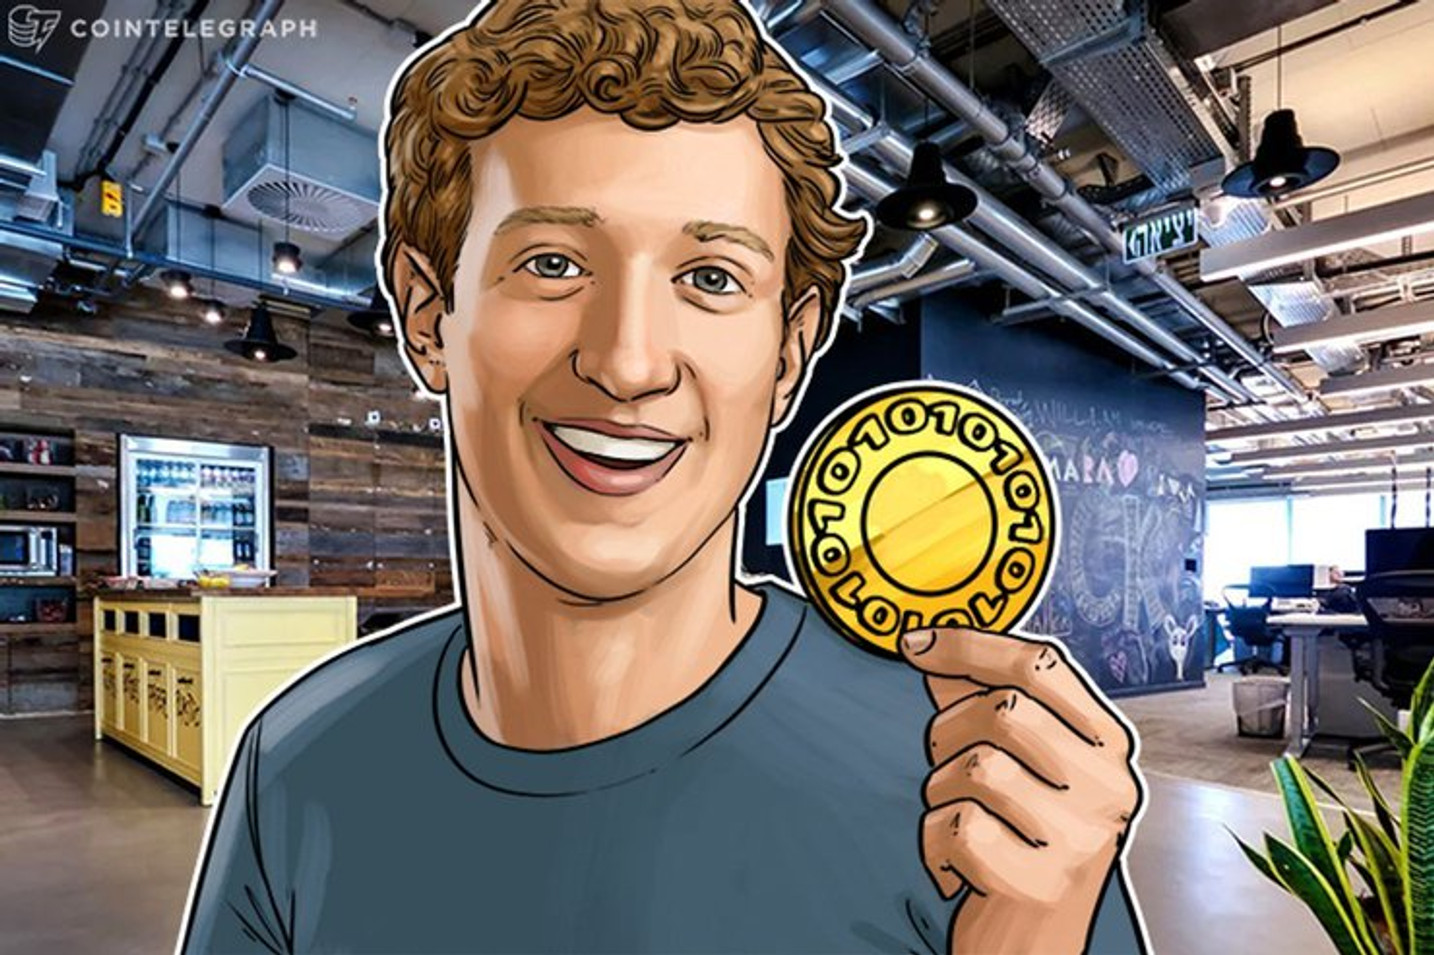 フェイスブックCEO「自社サービスで仮想通貨リブラをサポート」 リブラ協会の独立性も強調